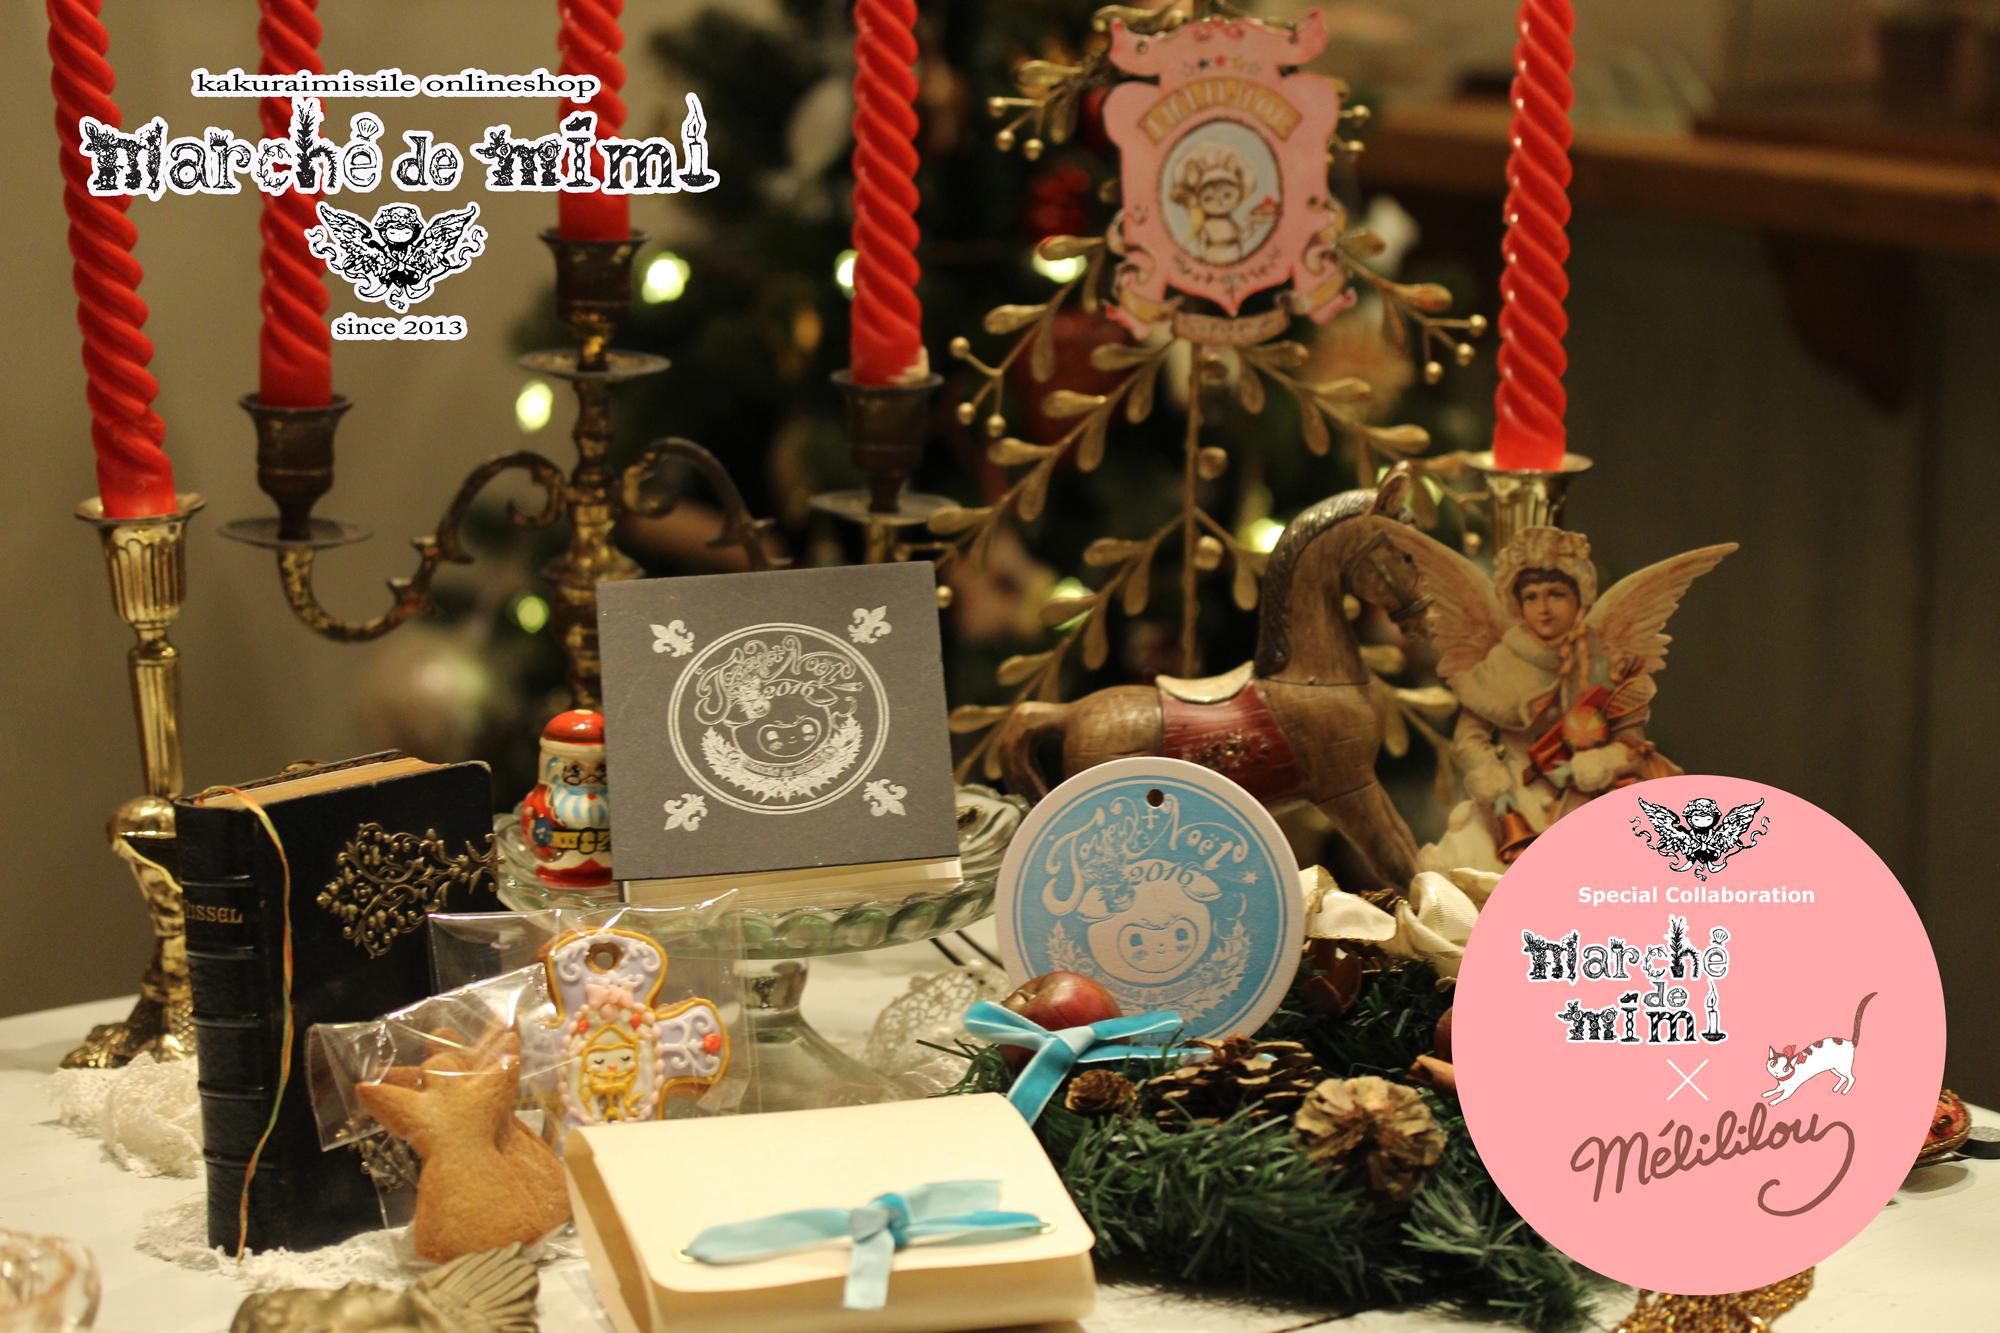 絵本に出てきたお菓子が食べられちゃう?【marché de mimi ×メリリル】コラボ/スペシャル